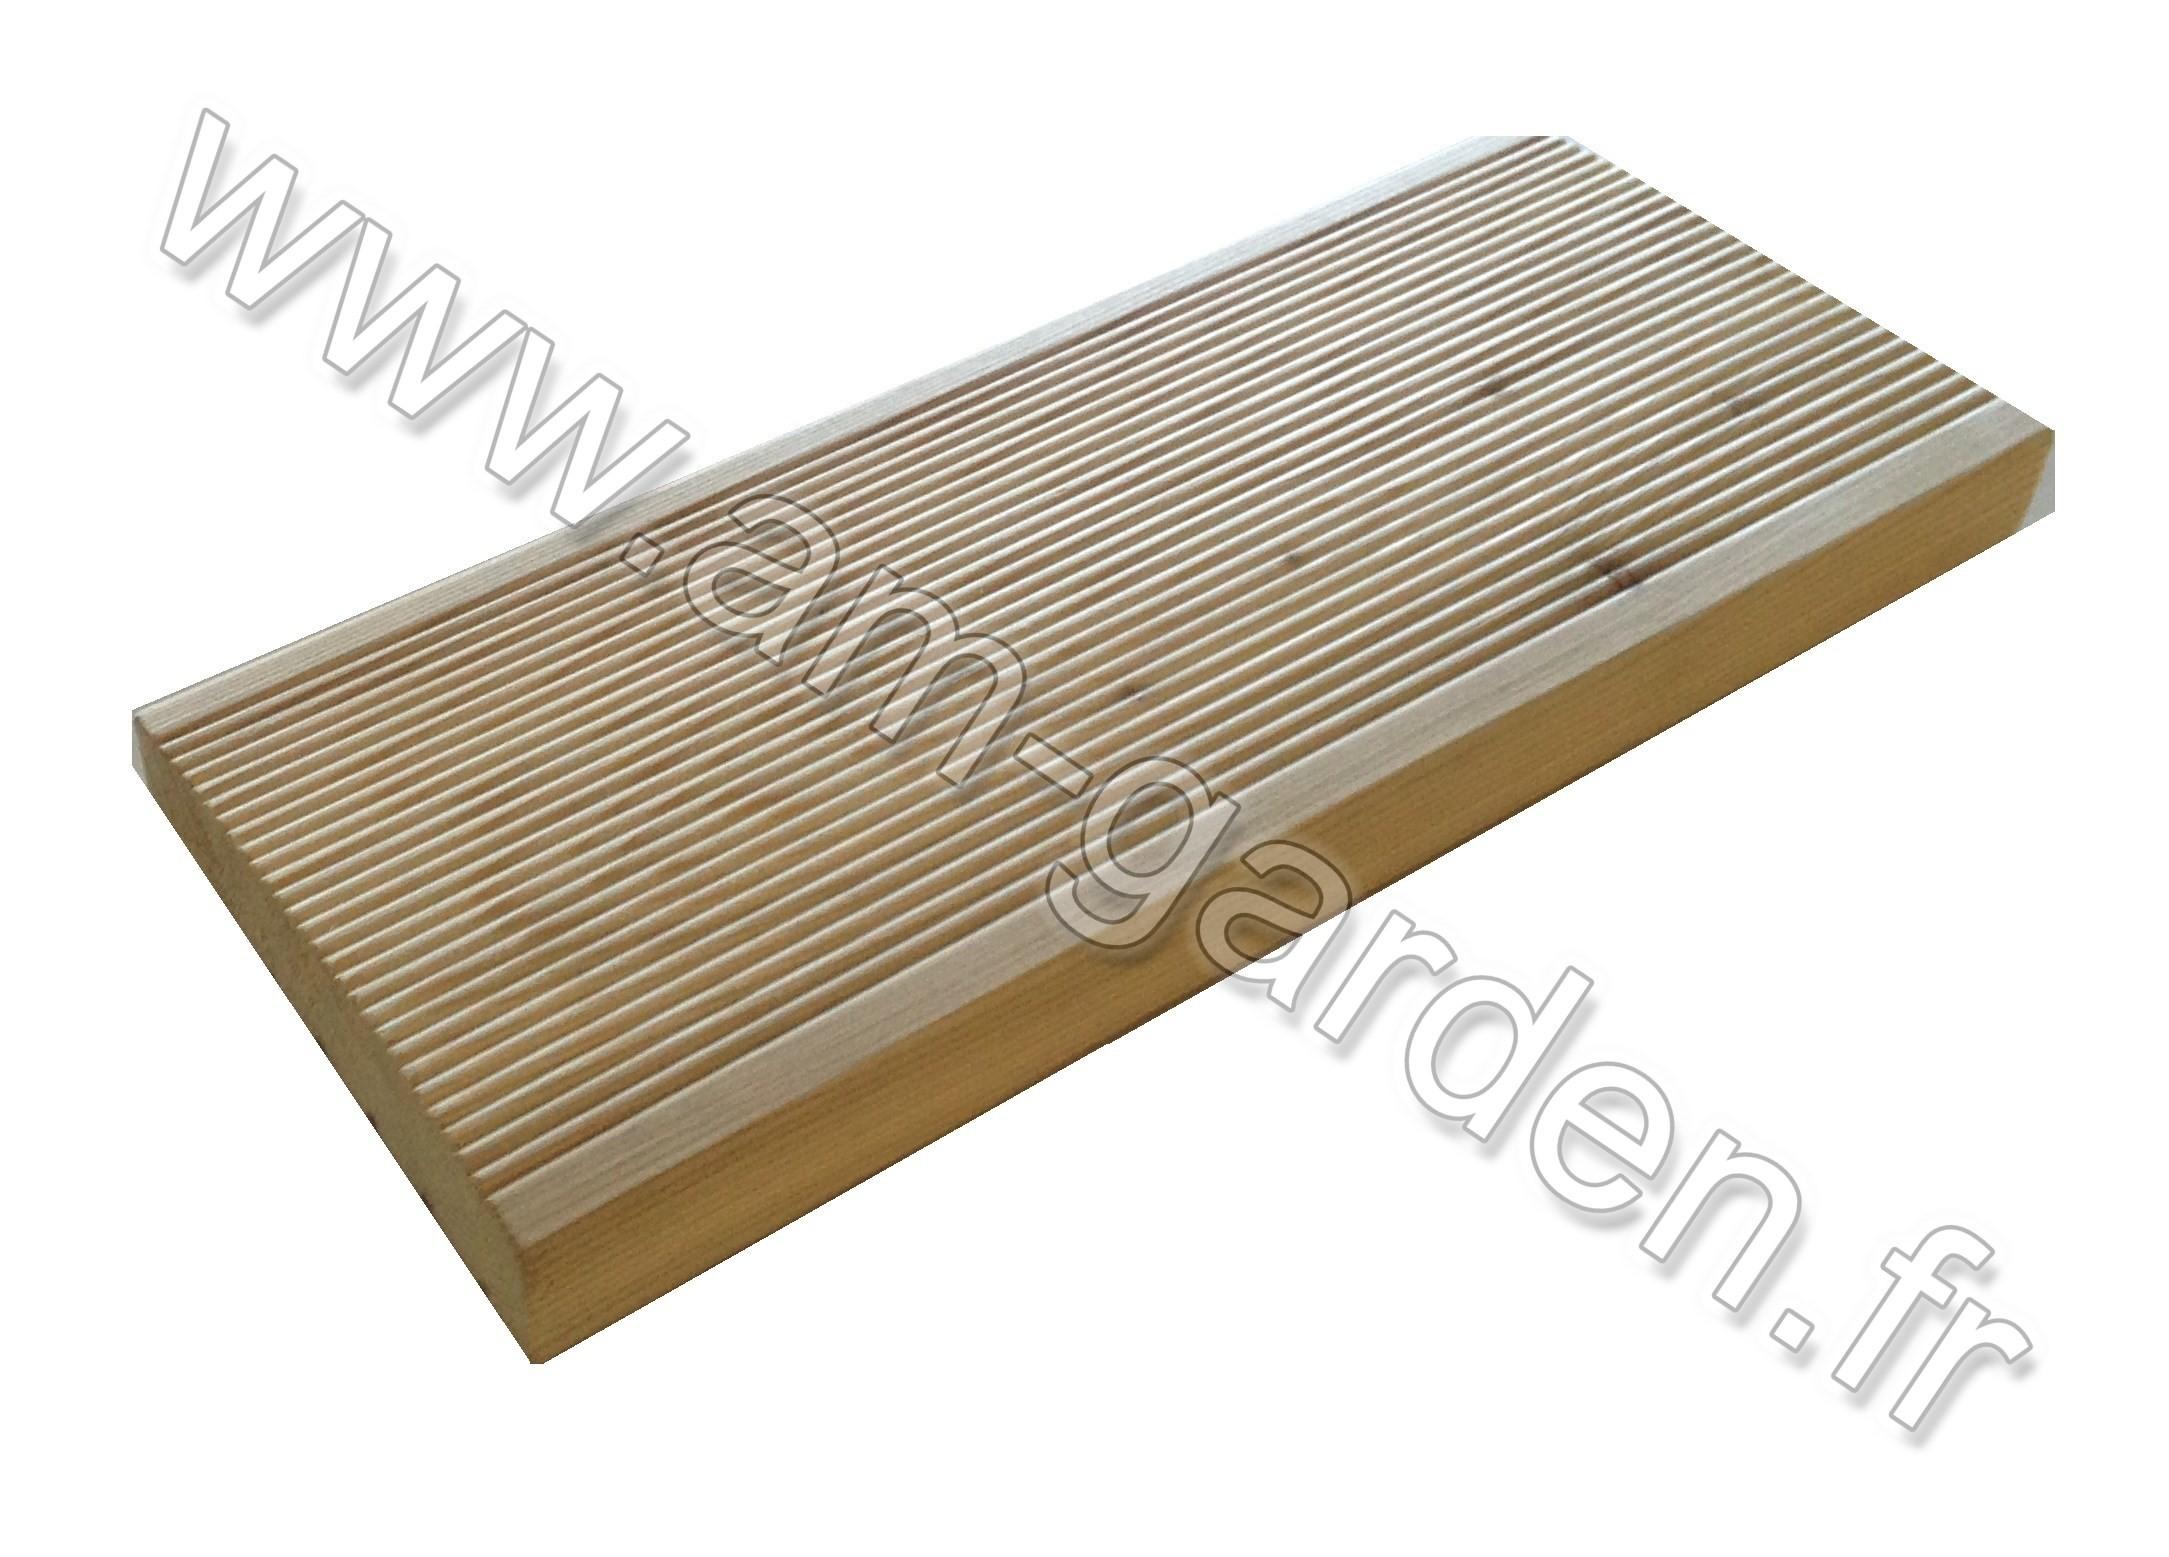 Planche de terrasse en meleze 28 145 3000mm - Planche resine terrasse ...